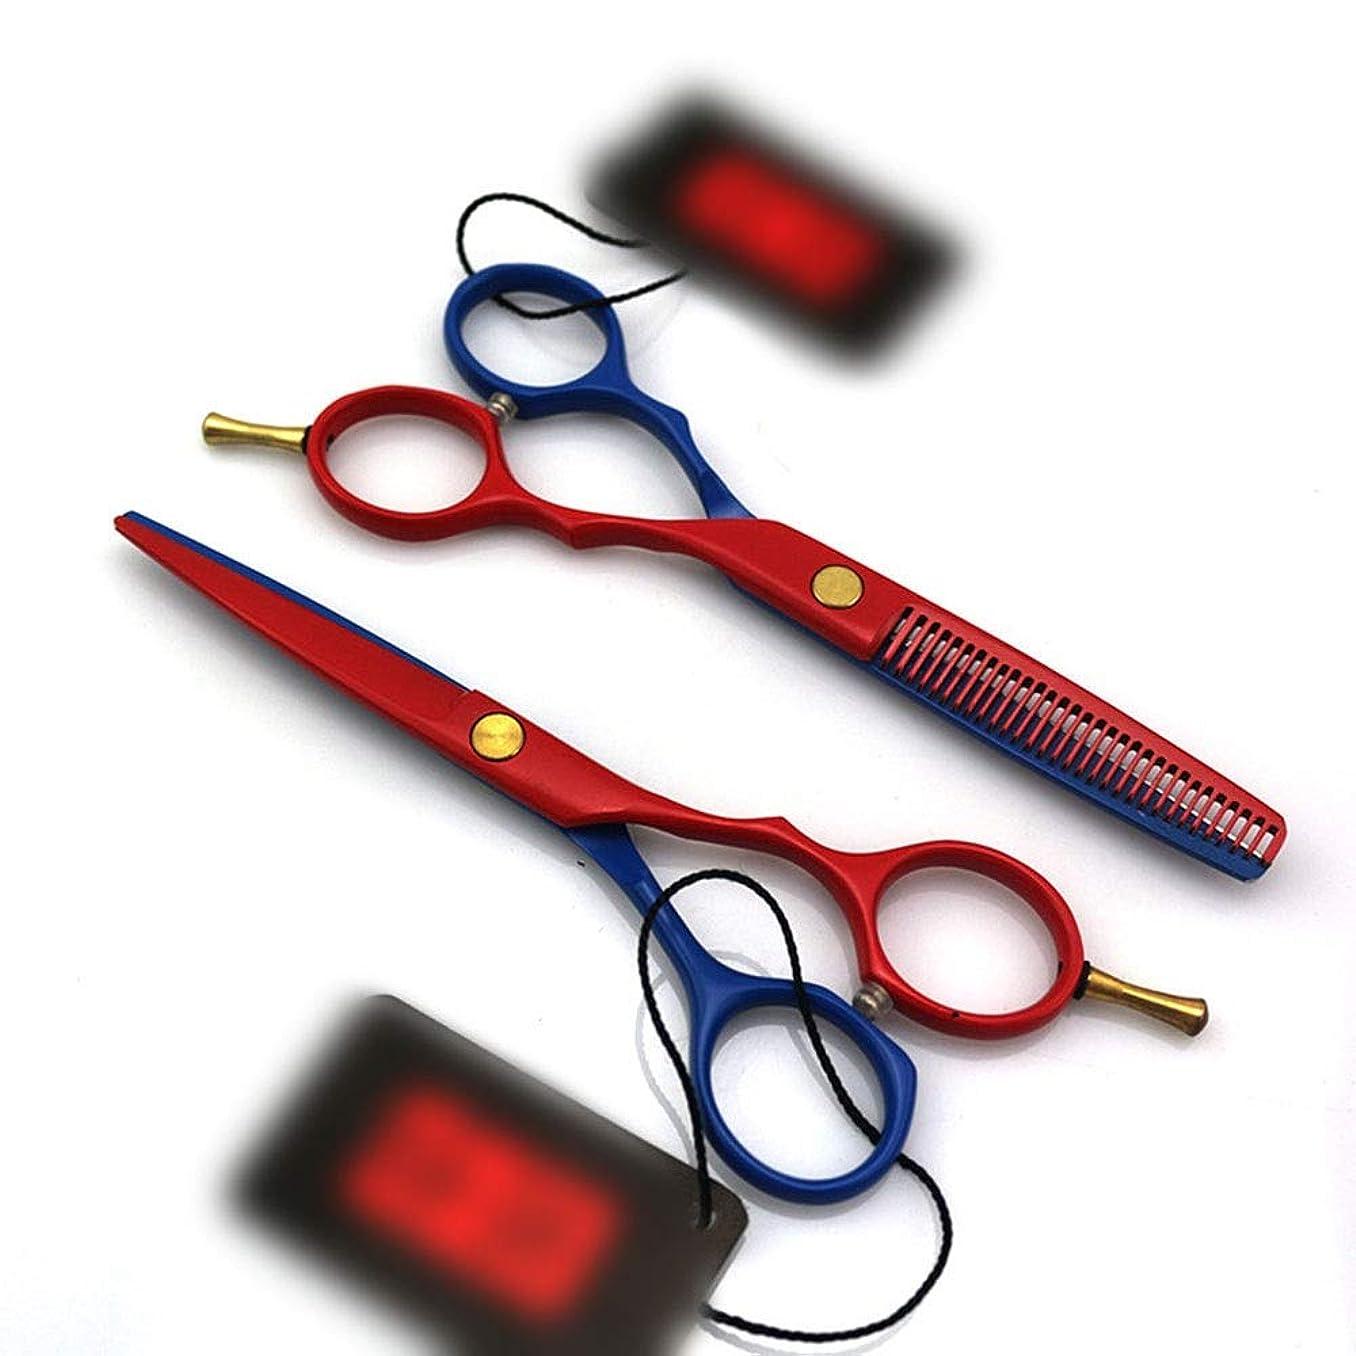 5.5インチのペイントクラフトのプロの理髪はさみ モデリングツール (色 : Red blue)